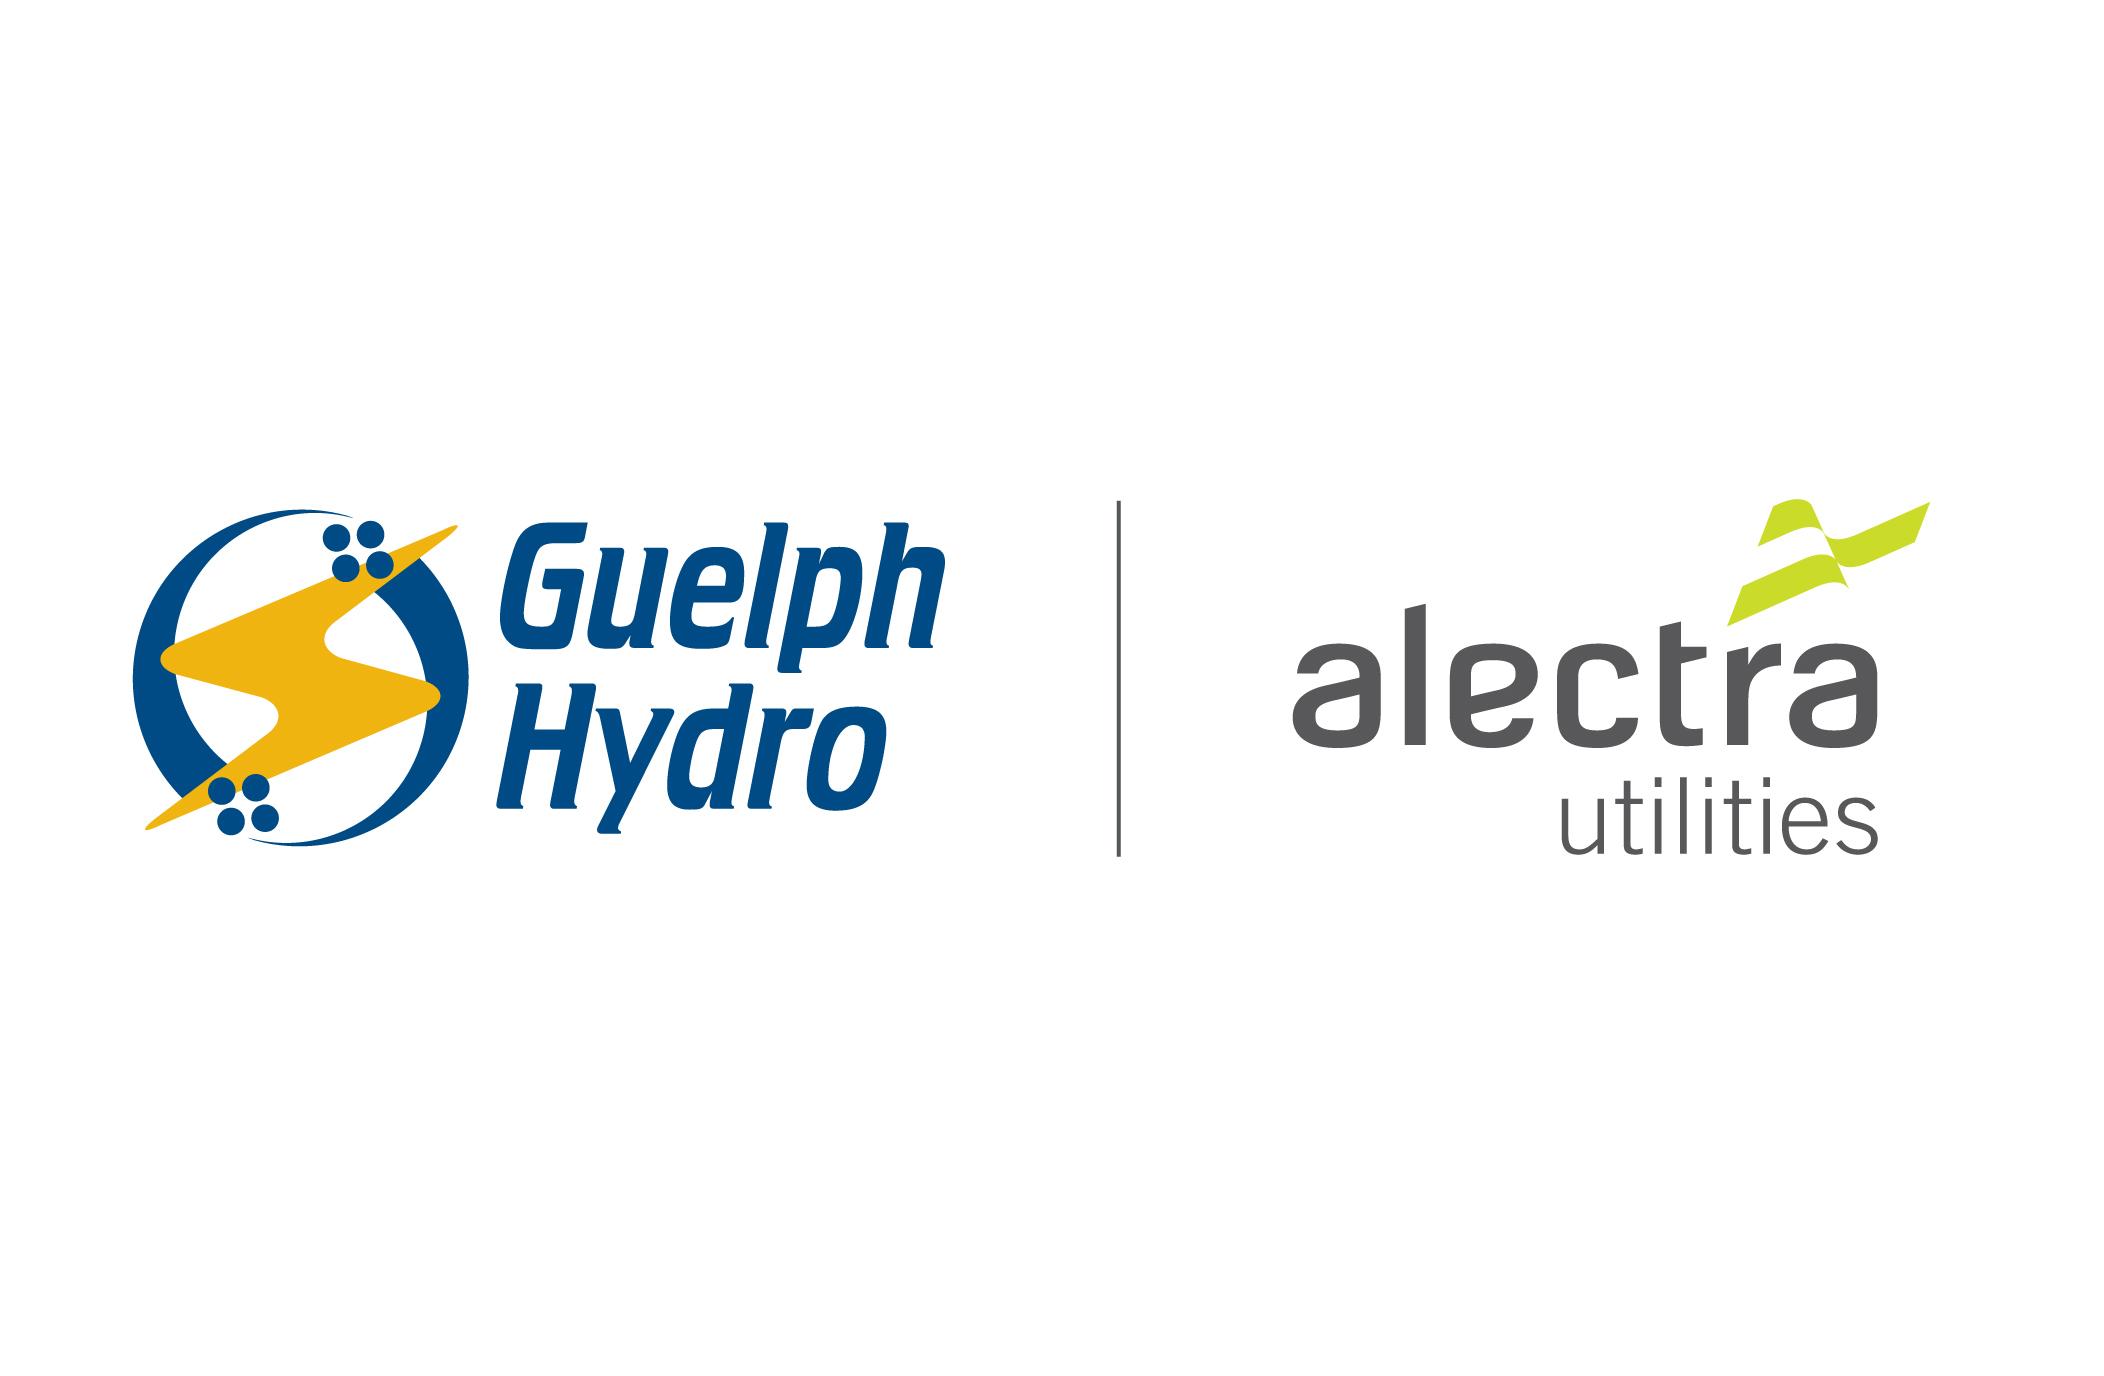 Guelph-Hydro-Alectra-Utilities-logo